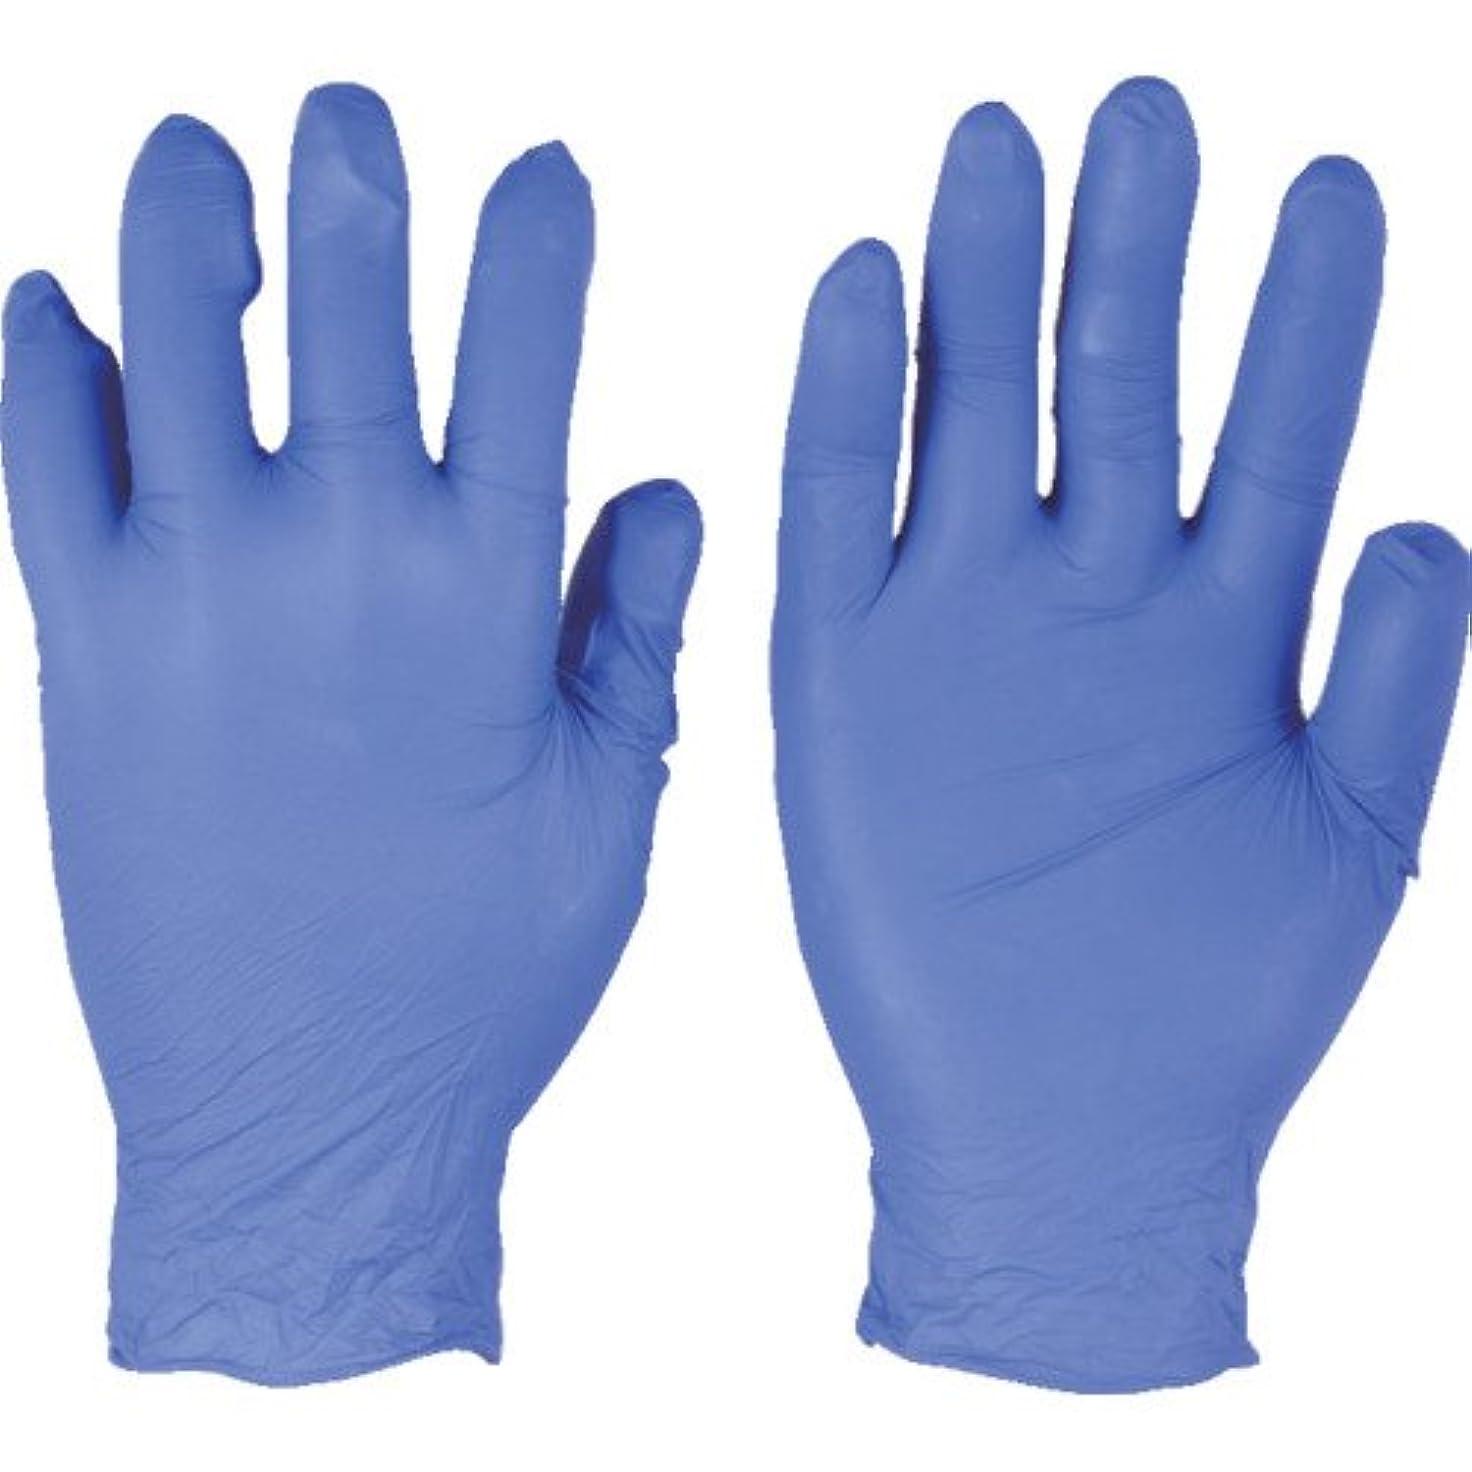 膨らみ前述のパンチトラスコ中山 アンセル ニトリルゴム使い捨て手袋 エッジ 82-133 XLサイズ(250枚入)   8213310